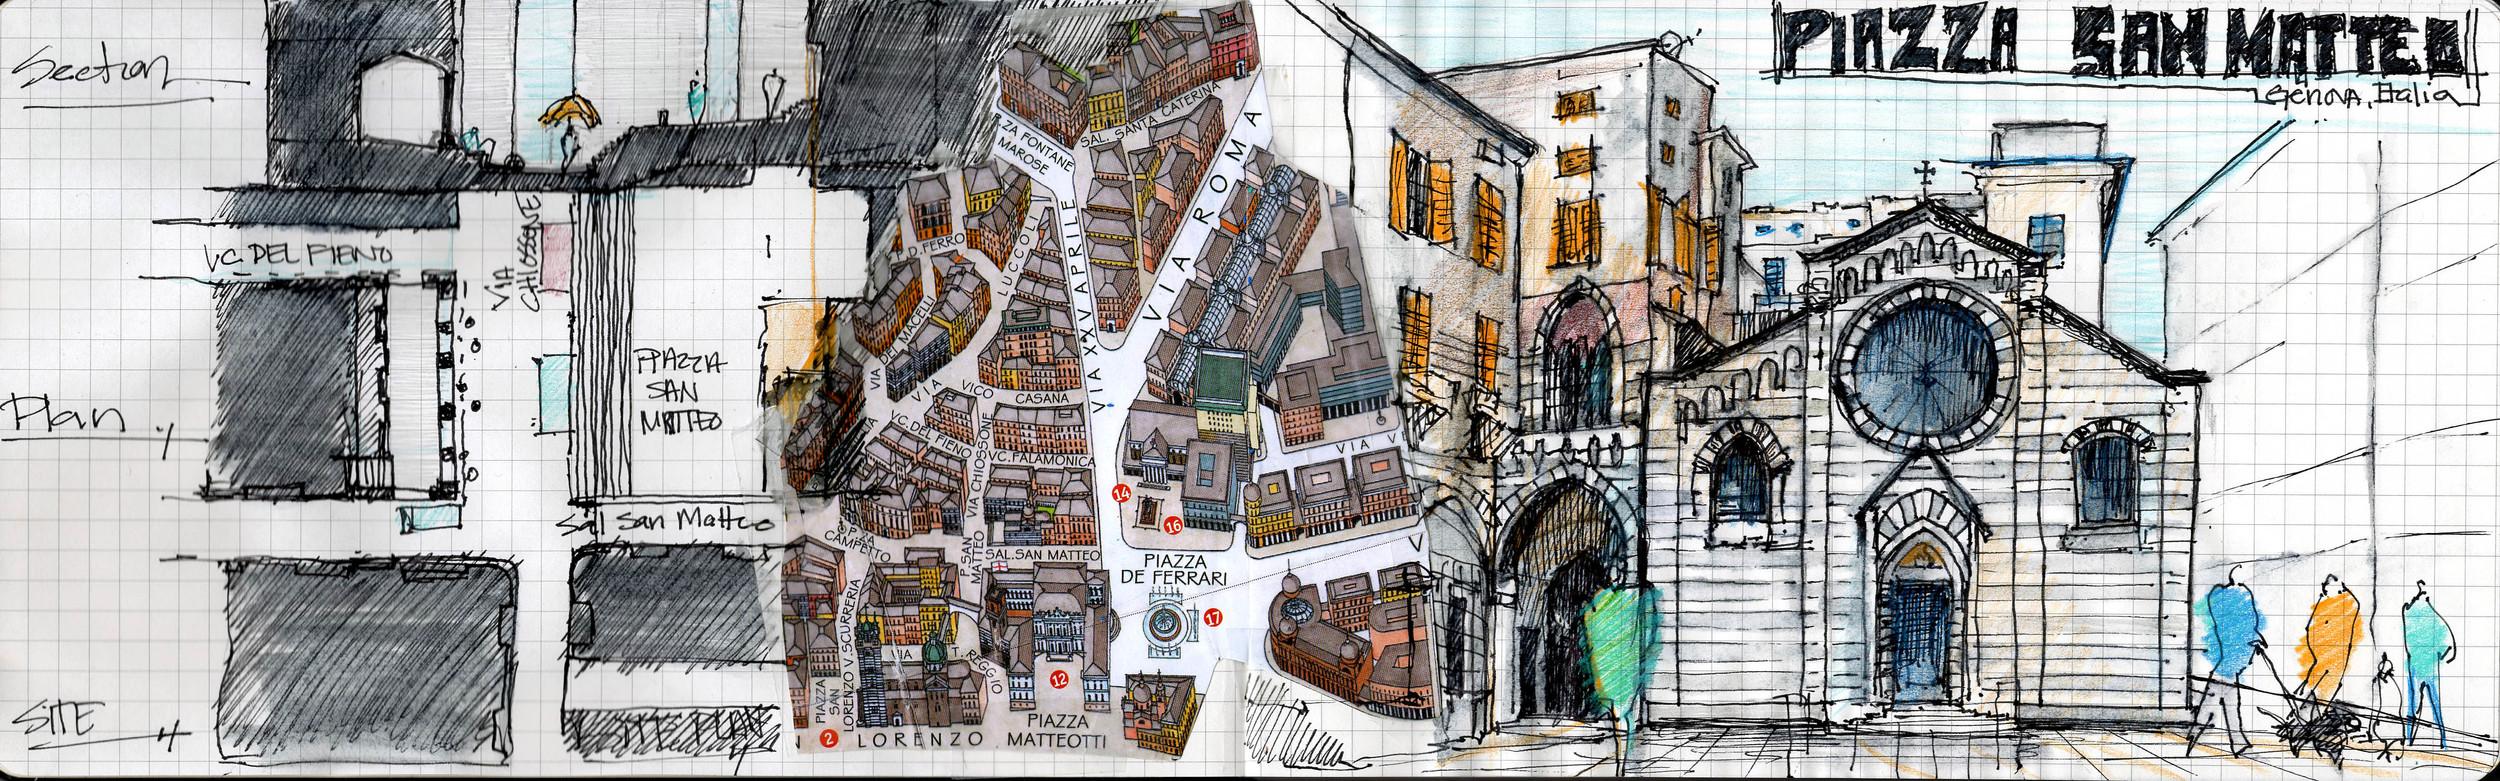 McGowan_SKETCH_PiazzaSanMatteo Sketch.jpg